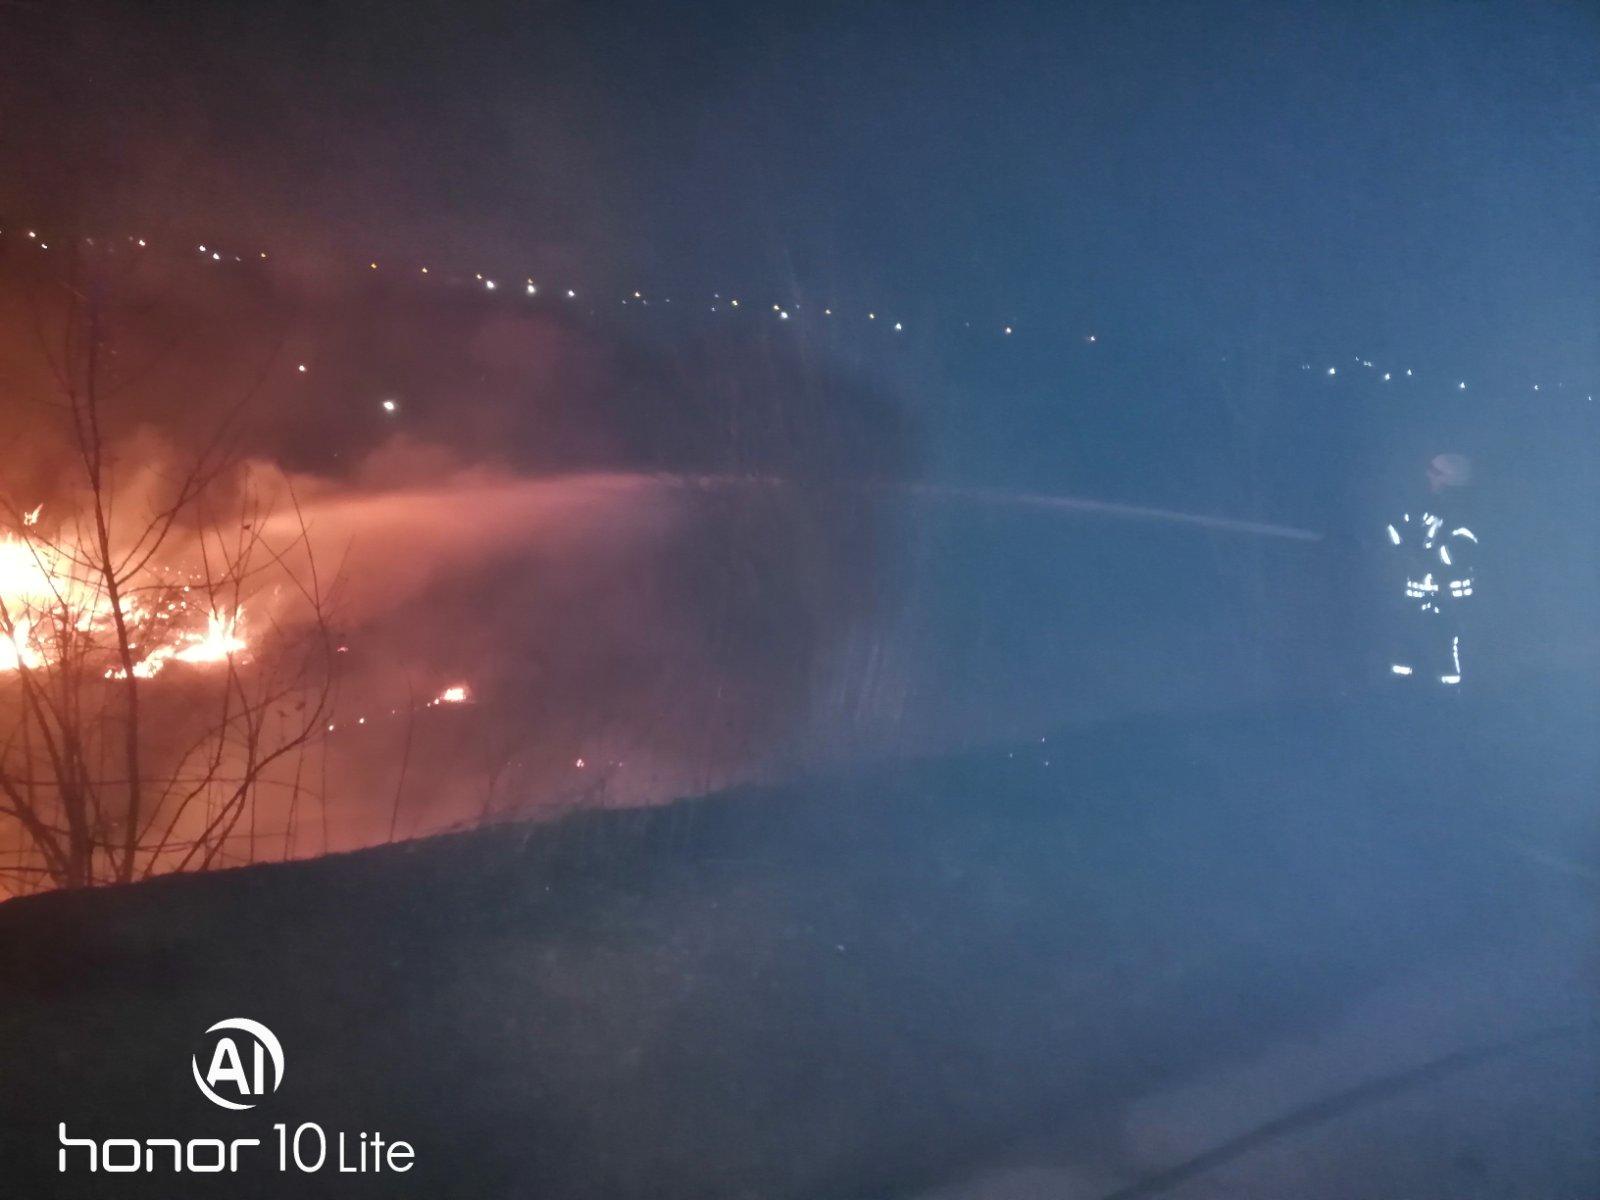 Irp-suh-trava-4 Пекельний вікенд: 5 загорань трав'яного настилу приборкали рятувальники Ірпінського регіону